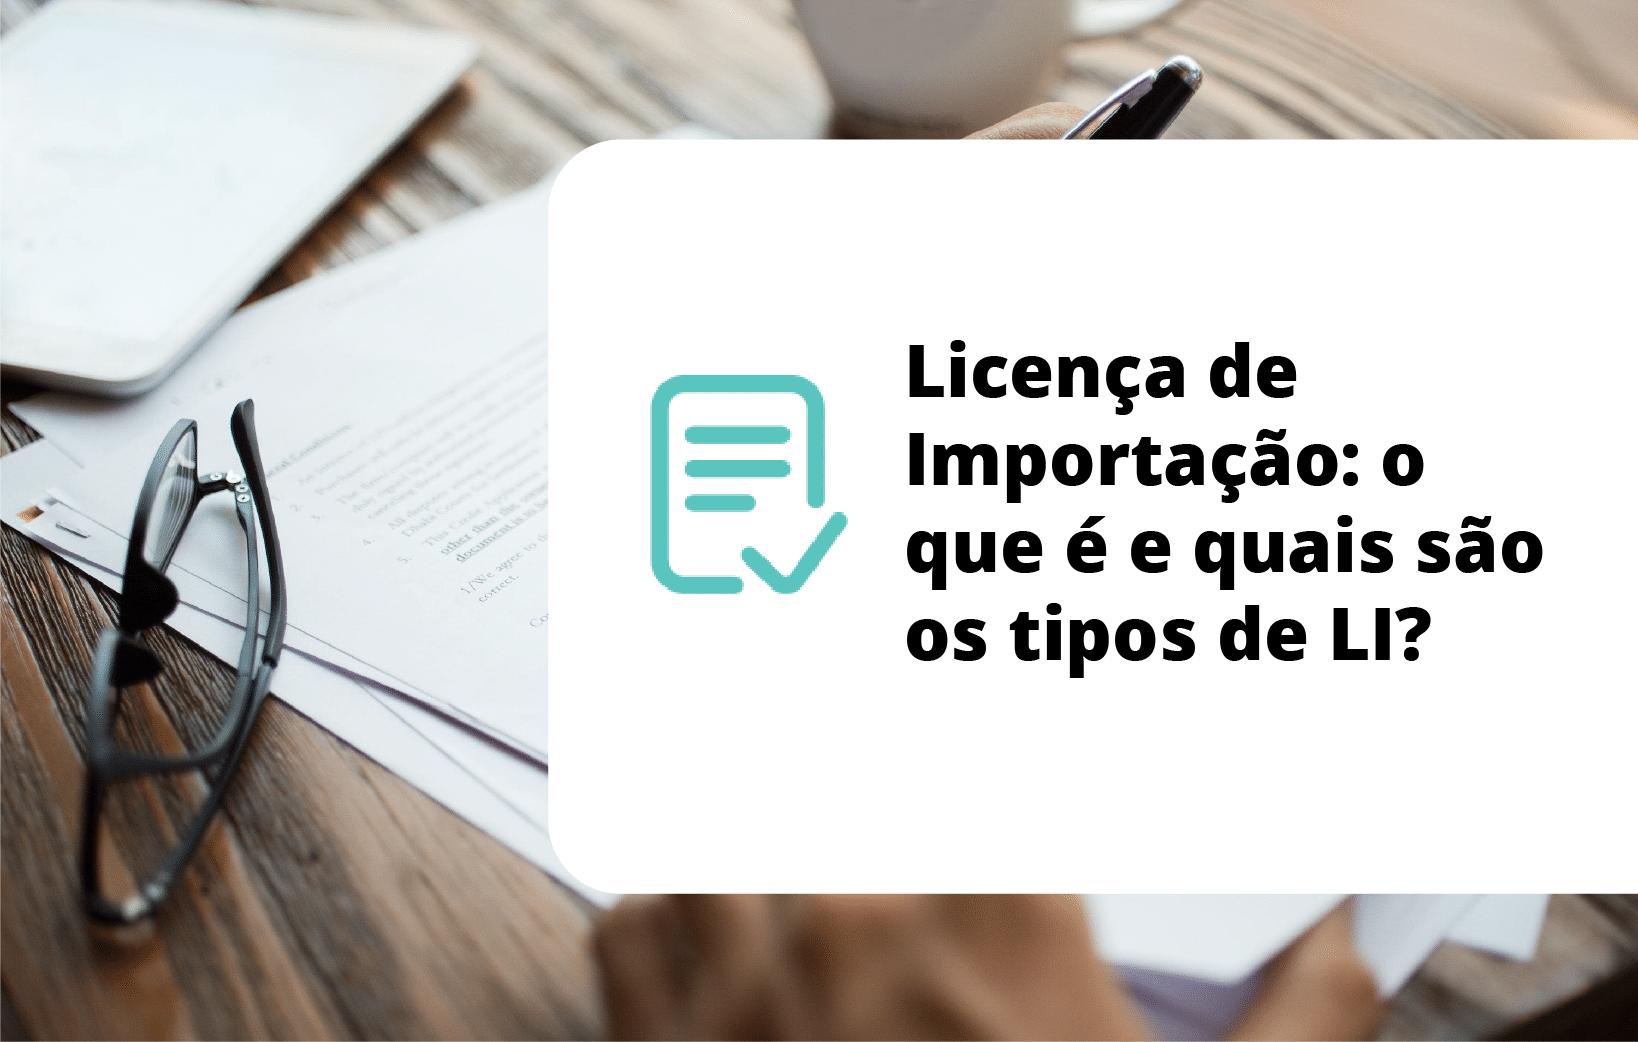 Licença de Importação: o que é e quais são os tipos de LI?